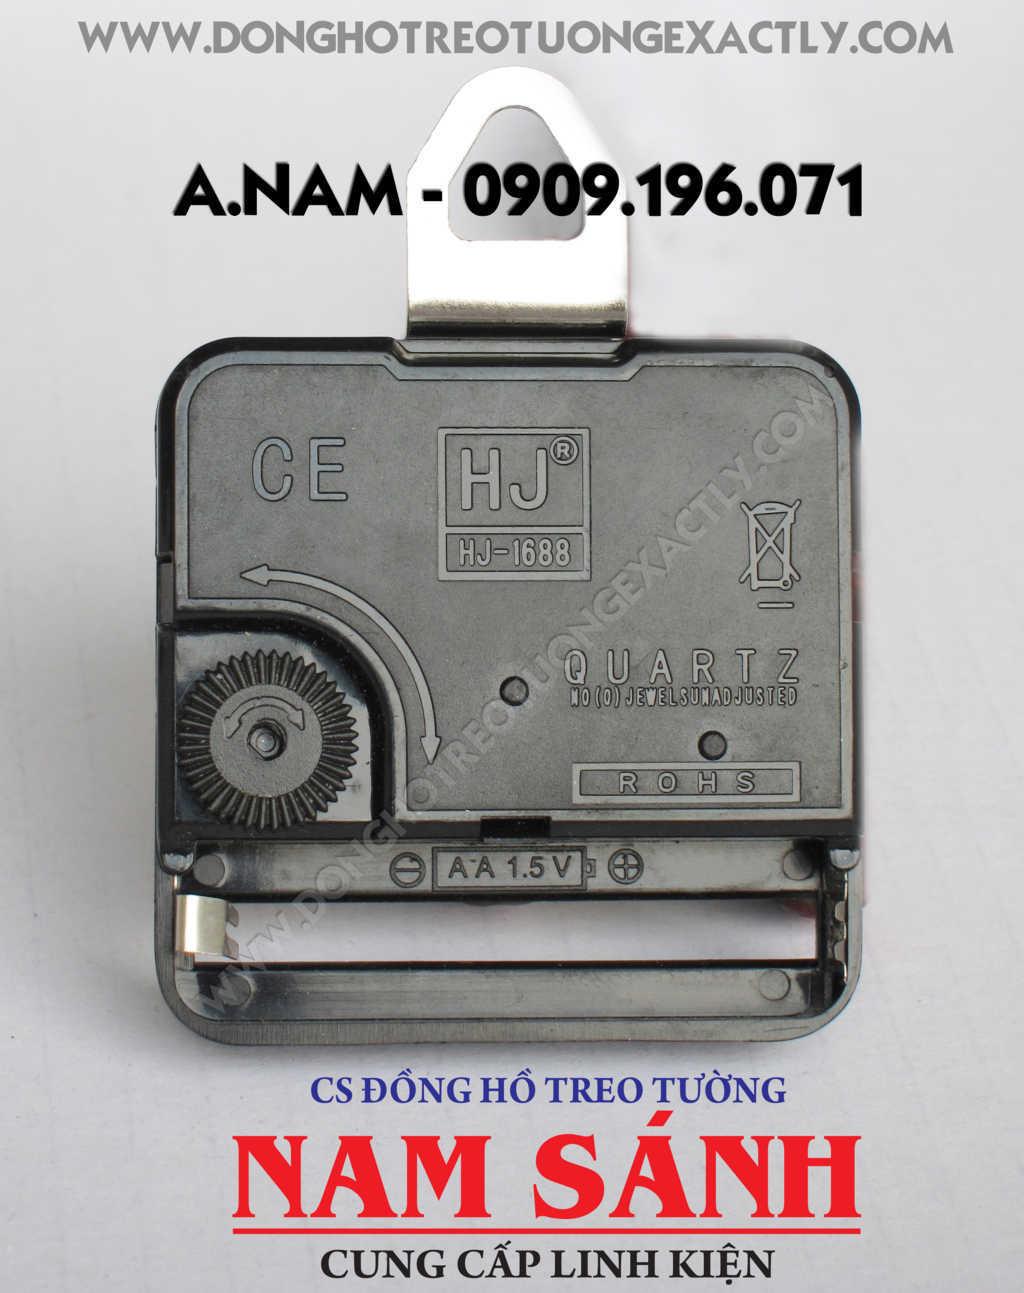 Chợ linh tinh: Bán Đồng Hồ Treo Tường IMG_5727-1%20-%20A.Nam%200909.196.071